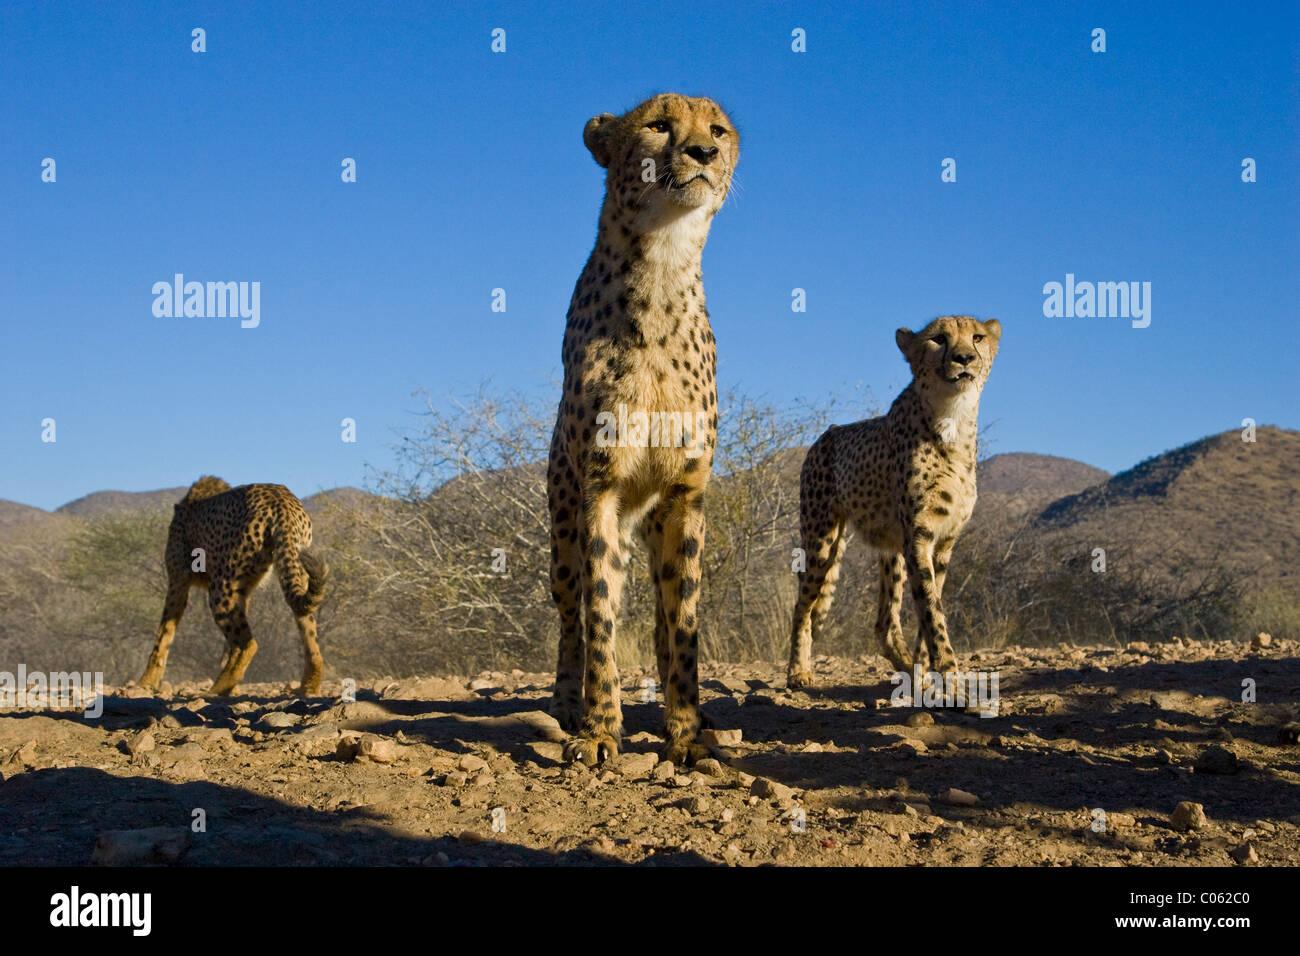 Cheetah de ángulo bajo, Khomas Hochland, Namibia Imagen De Stock